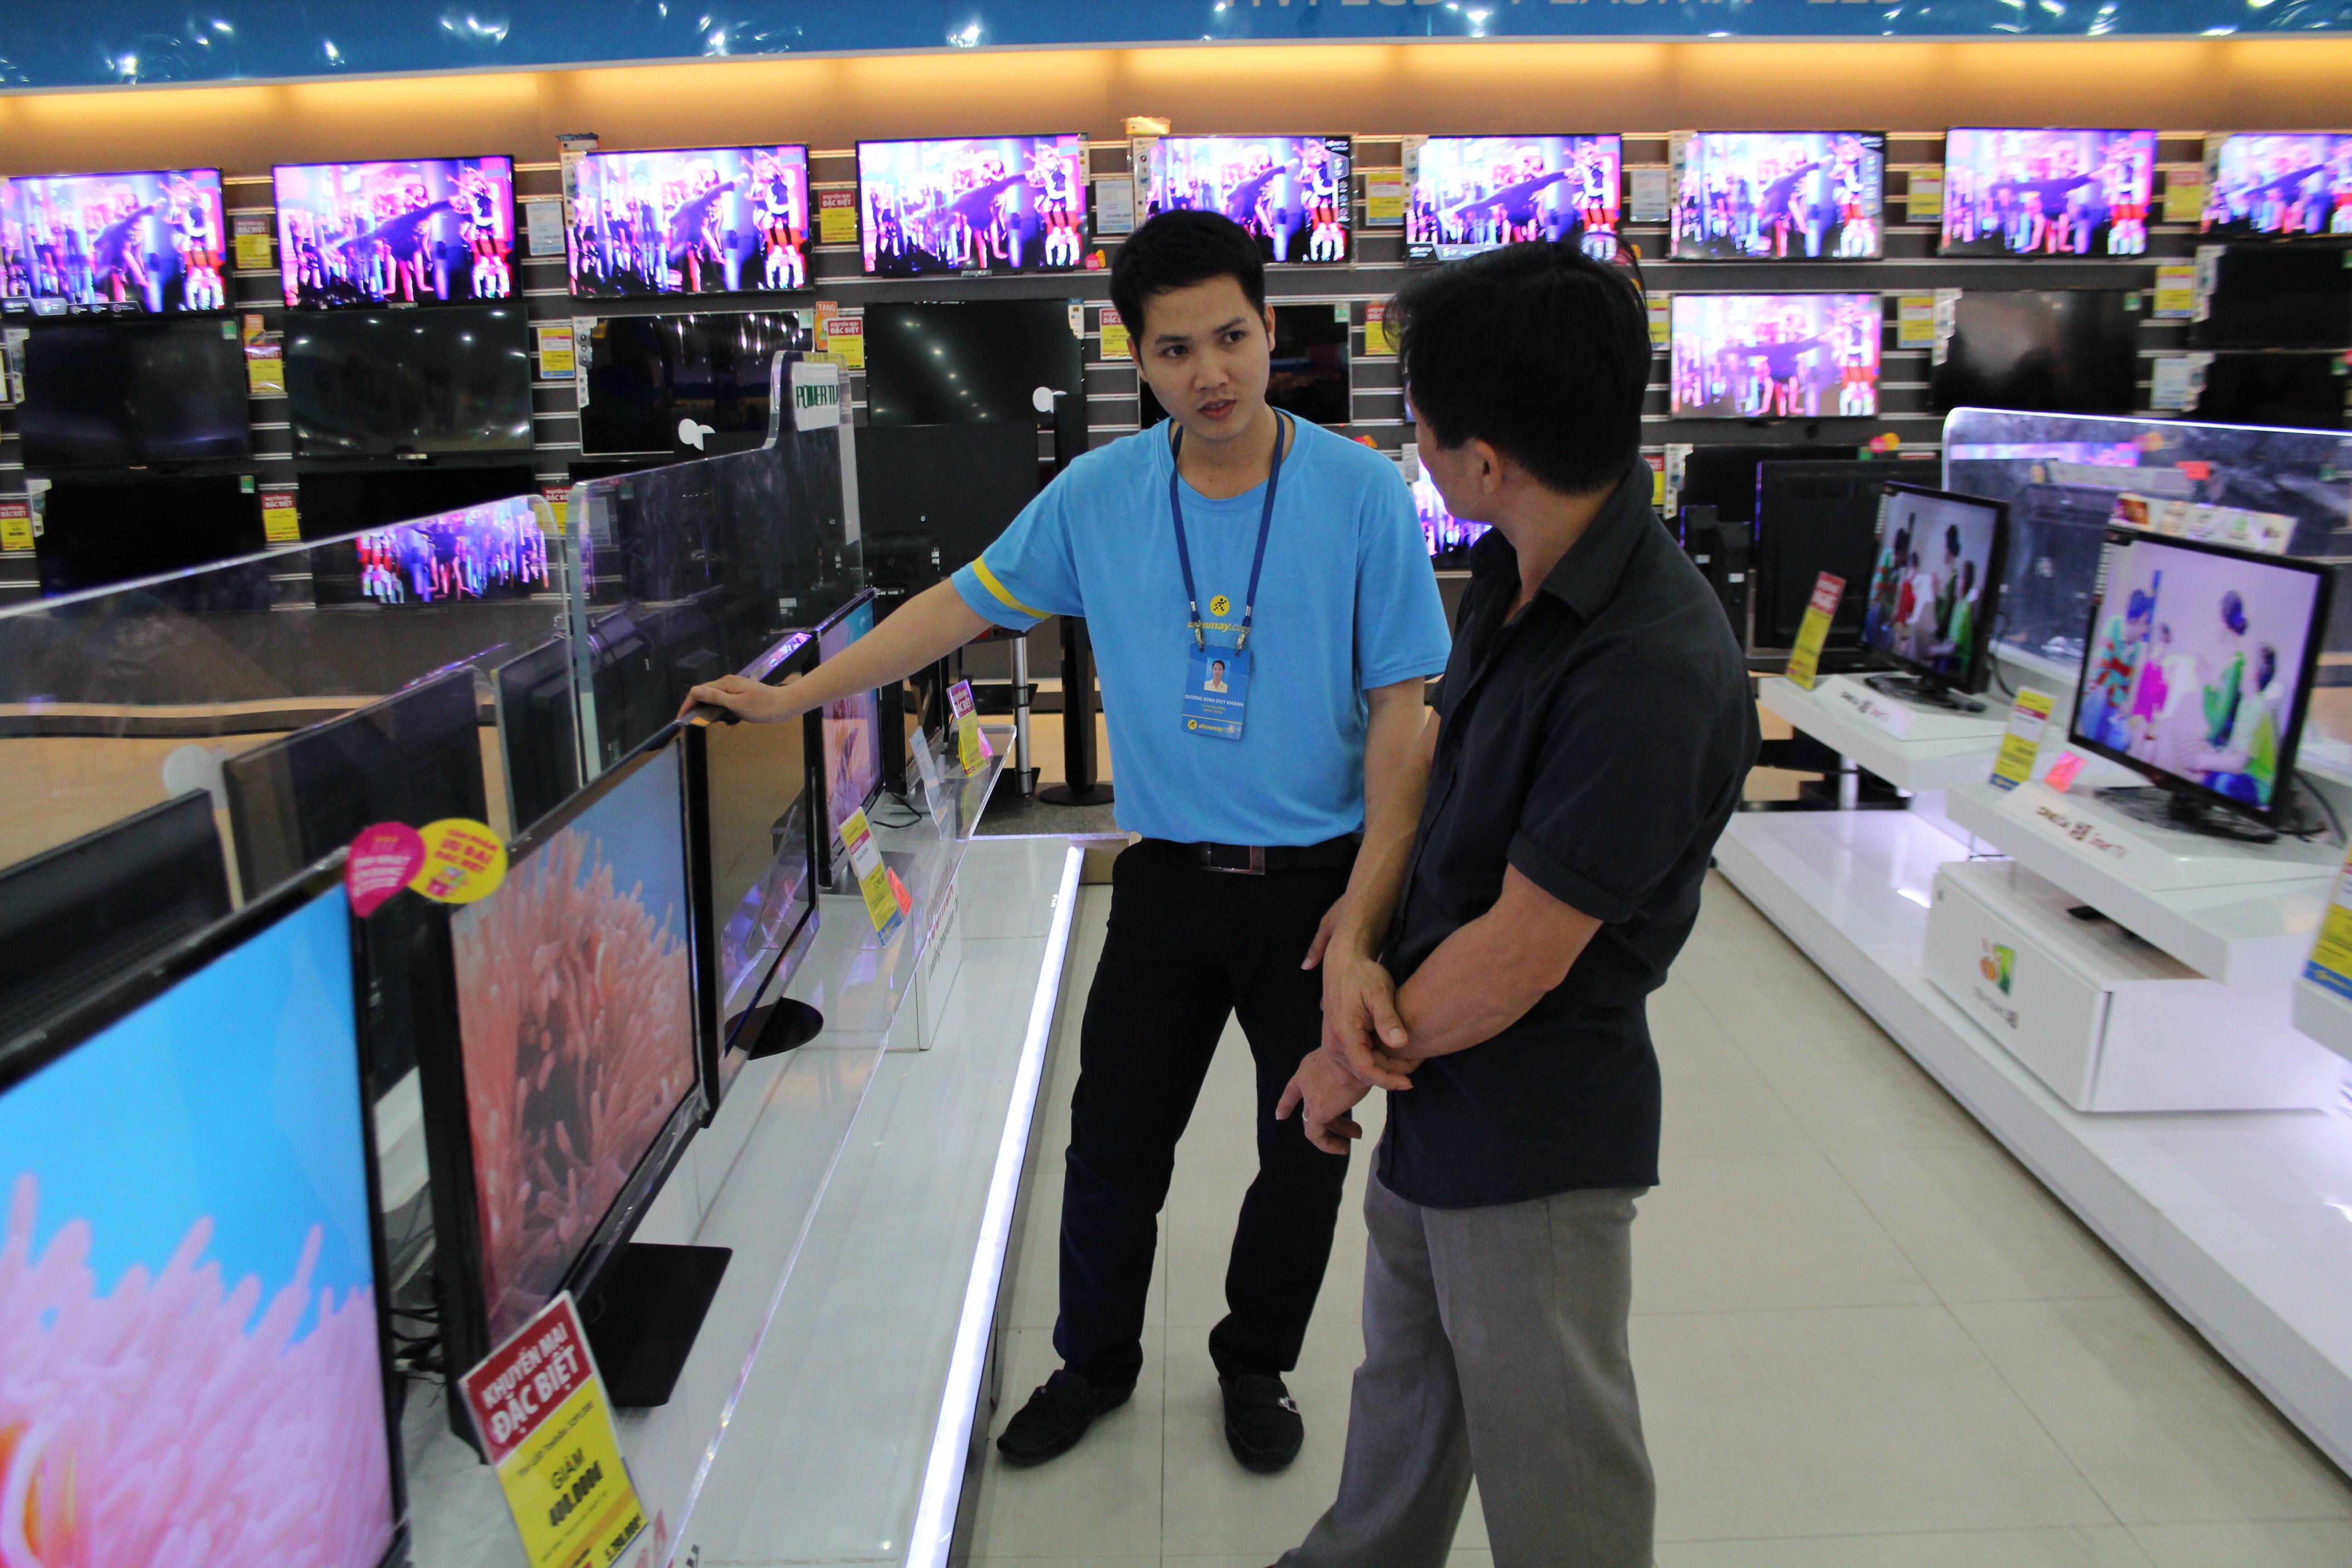 Mo Khc Phc Tnh Trng Phn Sng Trn Mn Hnh Tv Samsung Ua65ks9000kpxd Led 65 Inch Mua Mi Cn Ch Nhng